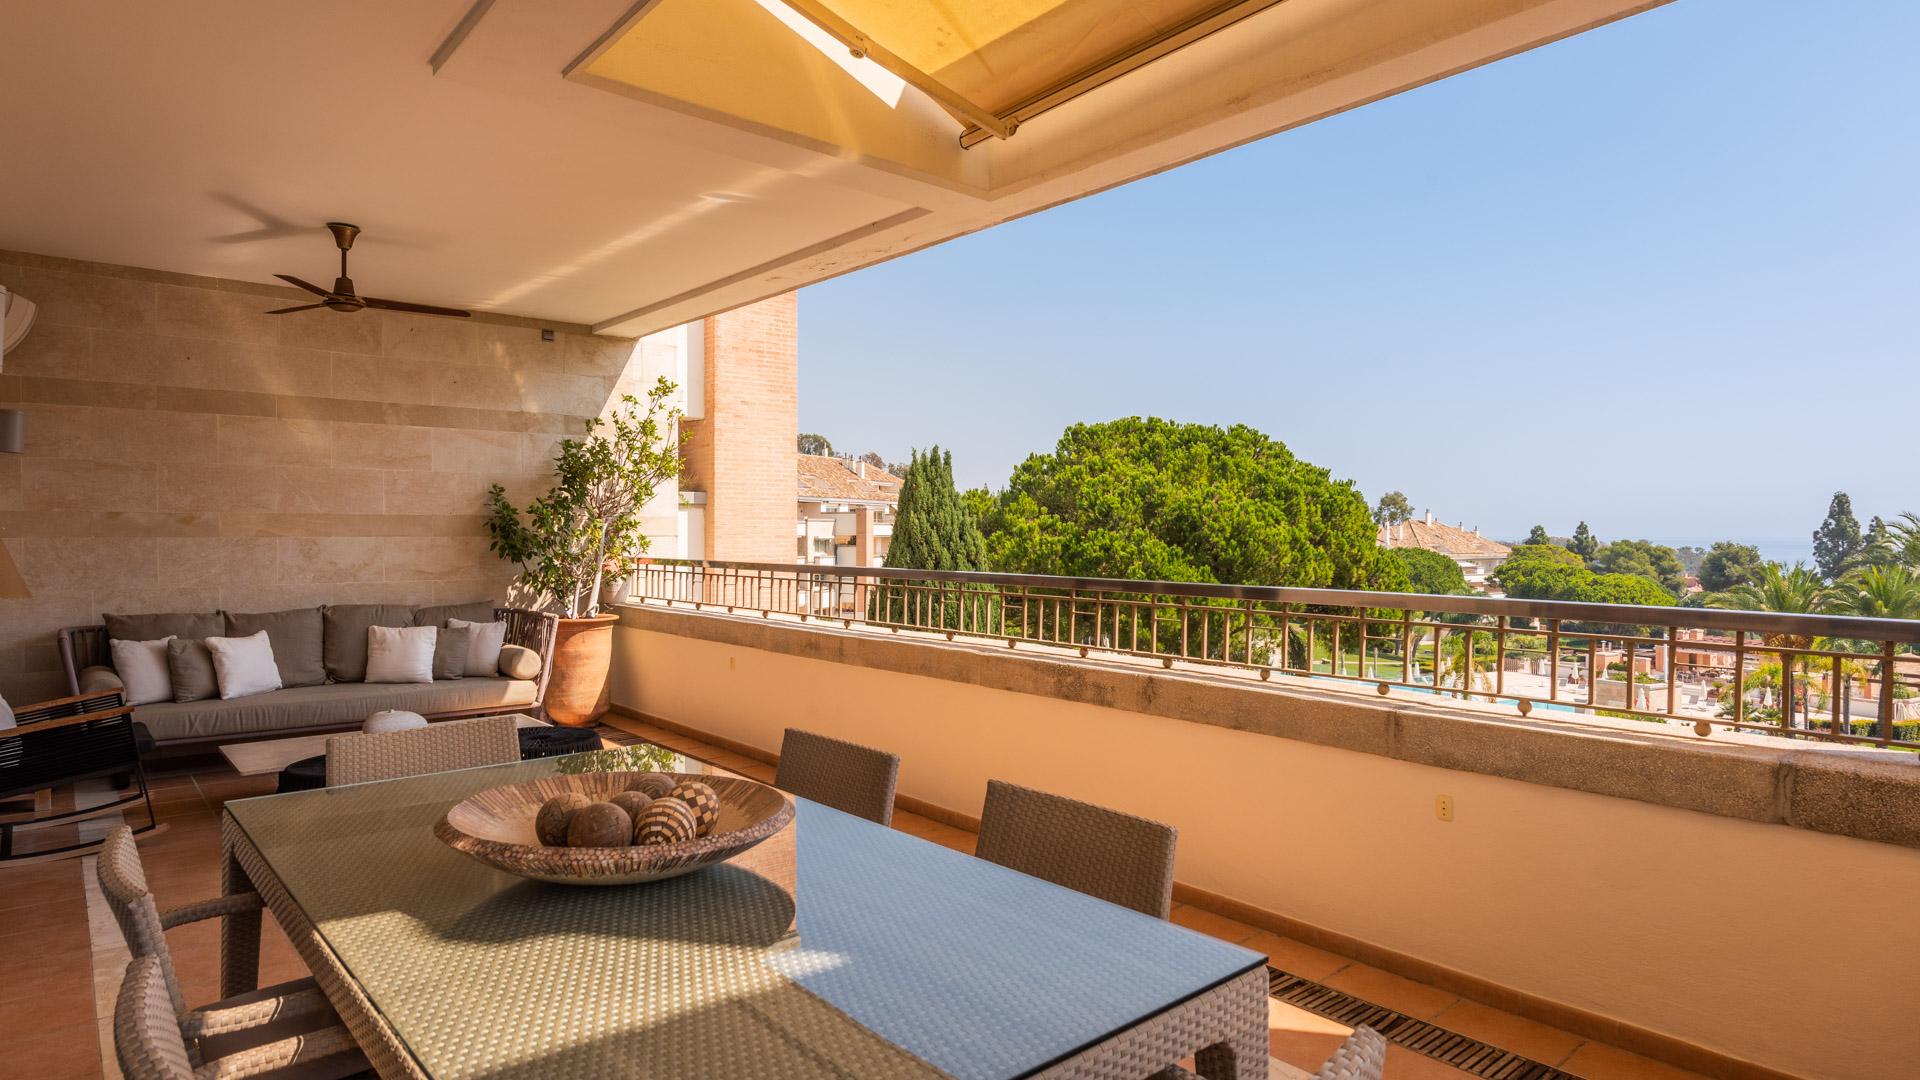 3 Bed 4 Bath 2nd Floor Apartment La Trinidad Marbella